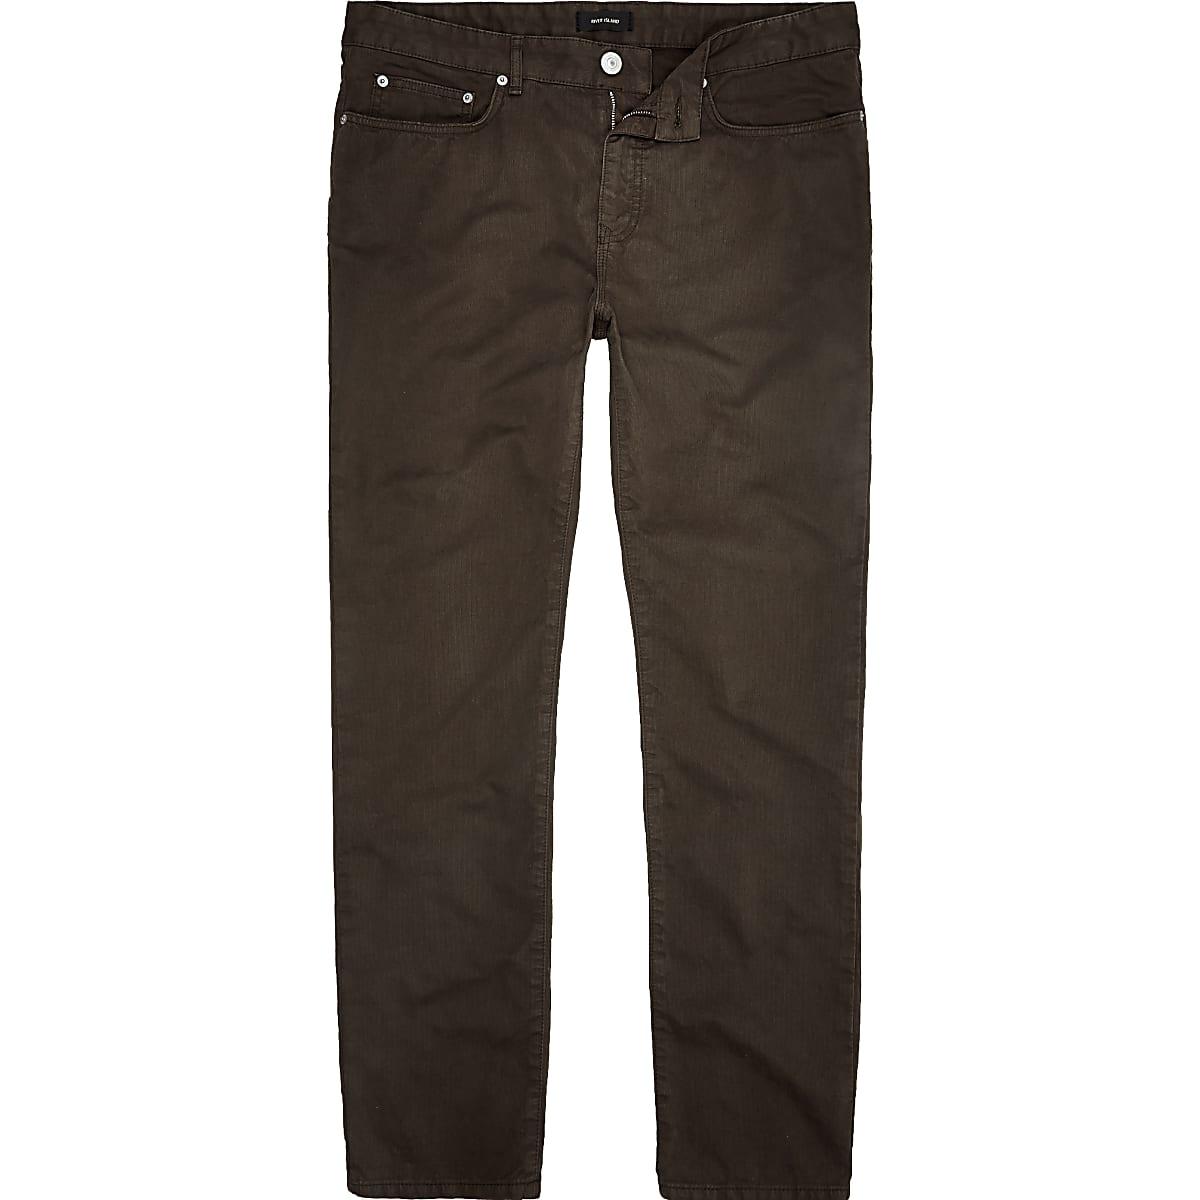 Pantalon slim en coton marron